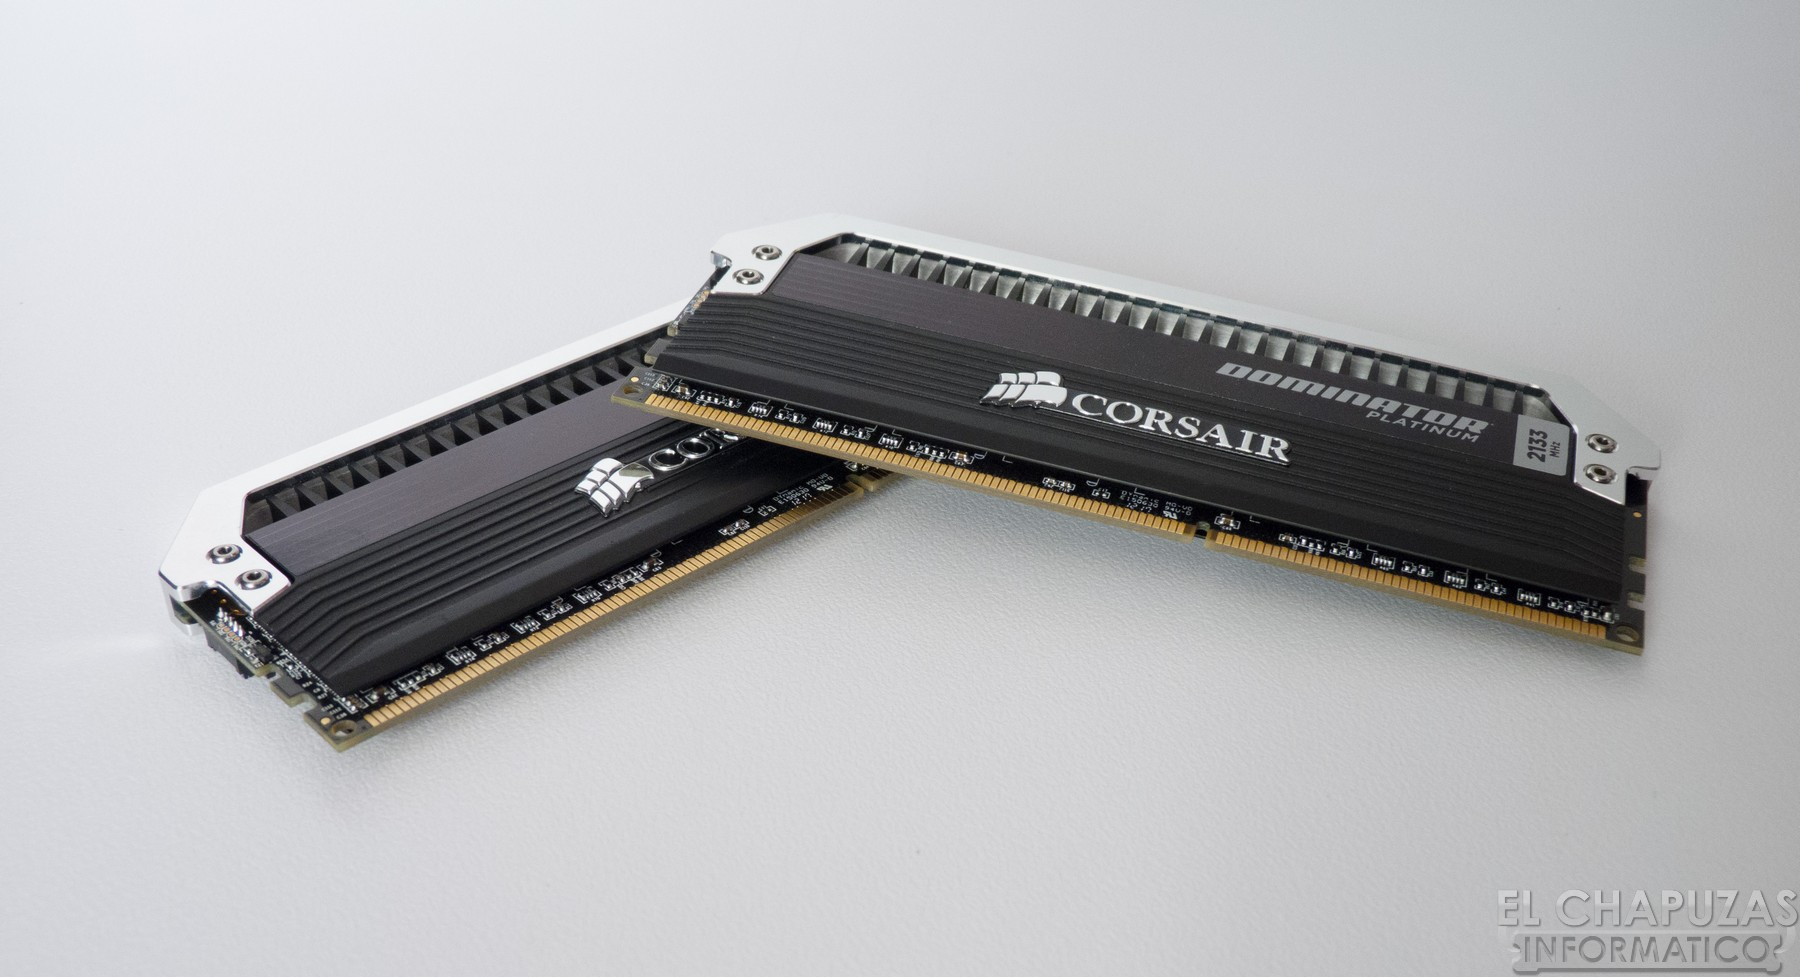 Corsair Dominator Platinum 2133 MHz 16 GB 13